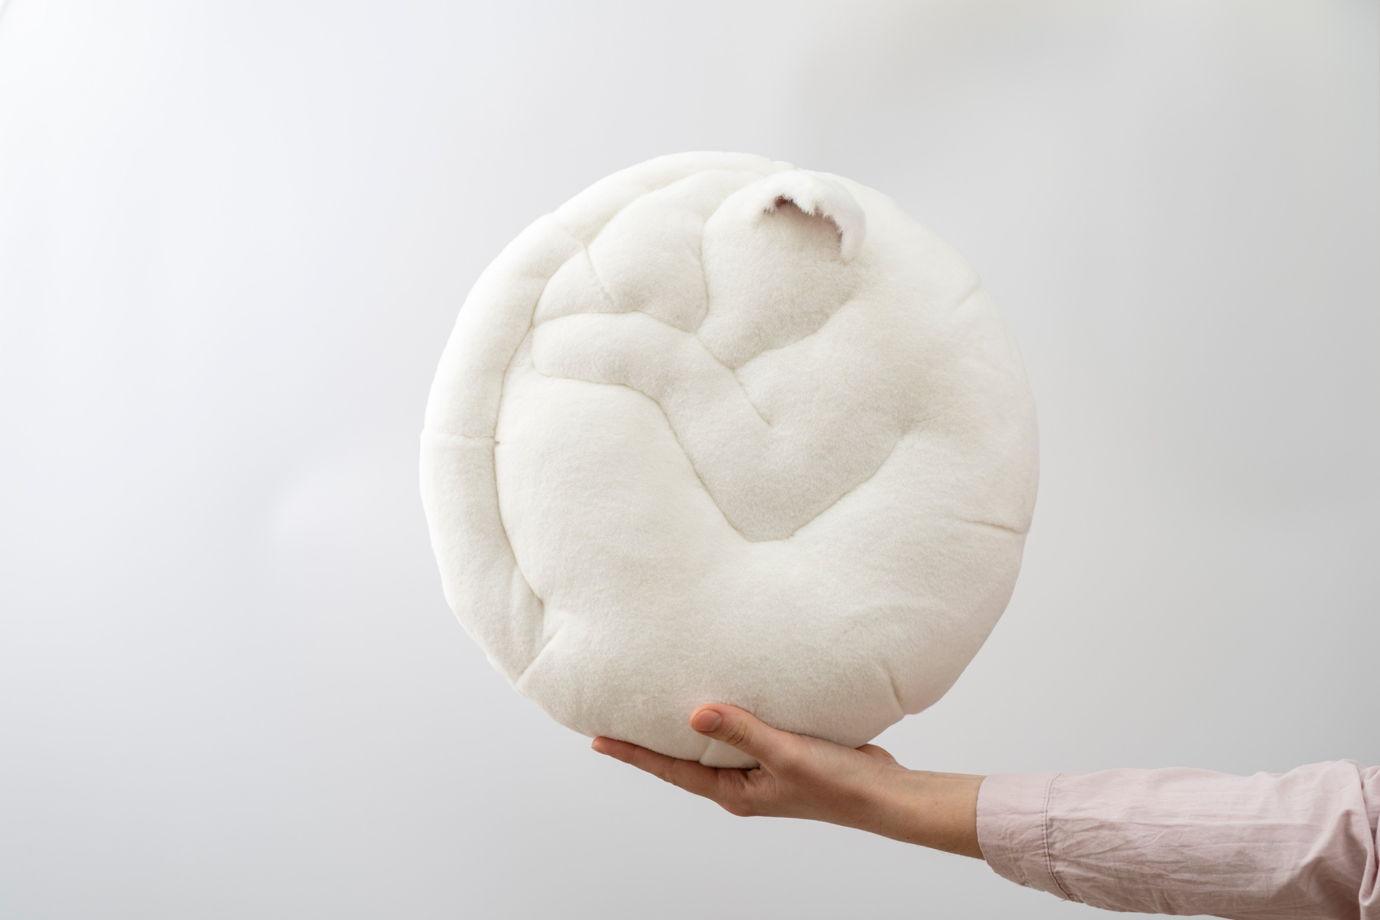 круглая подушка-кот ручной работы из эко-меха